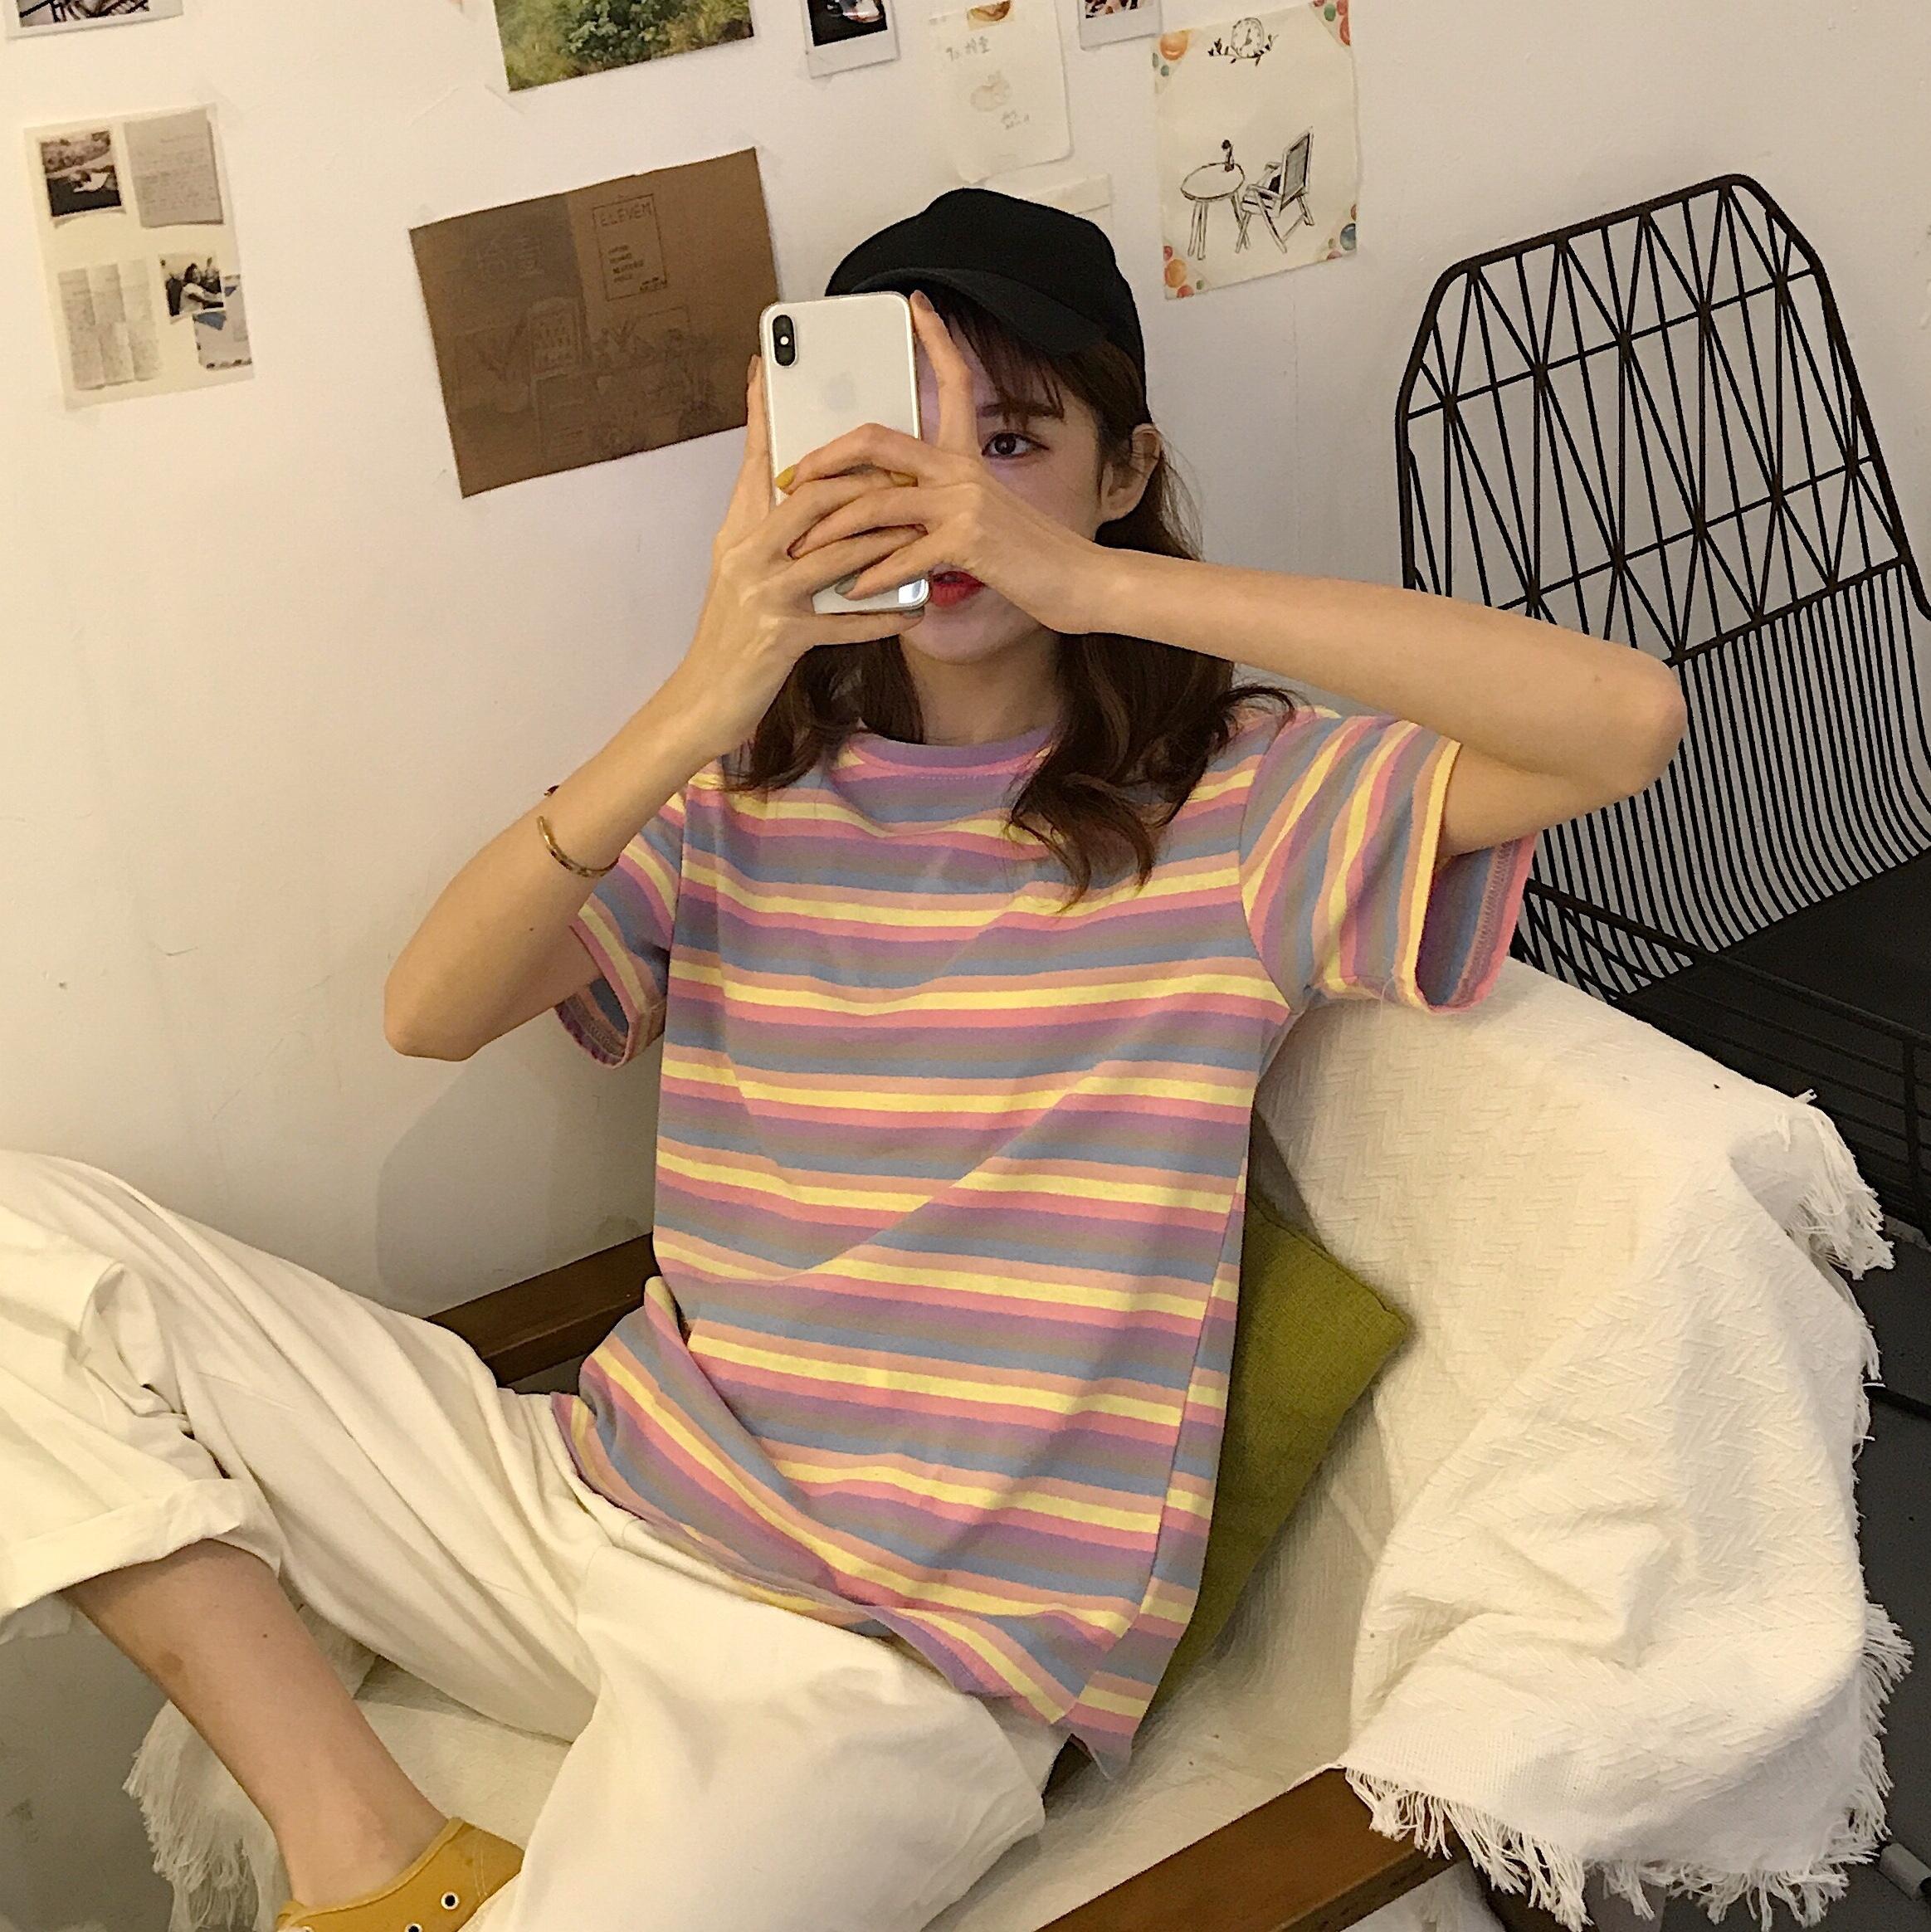 控价5实拍?#23548;?#24050;检测夏季泫雅彩虹条纹短袖T恤女短款宽松上衣